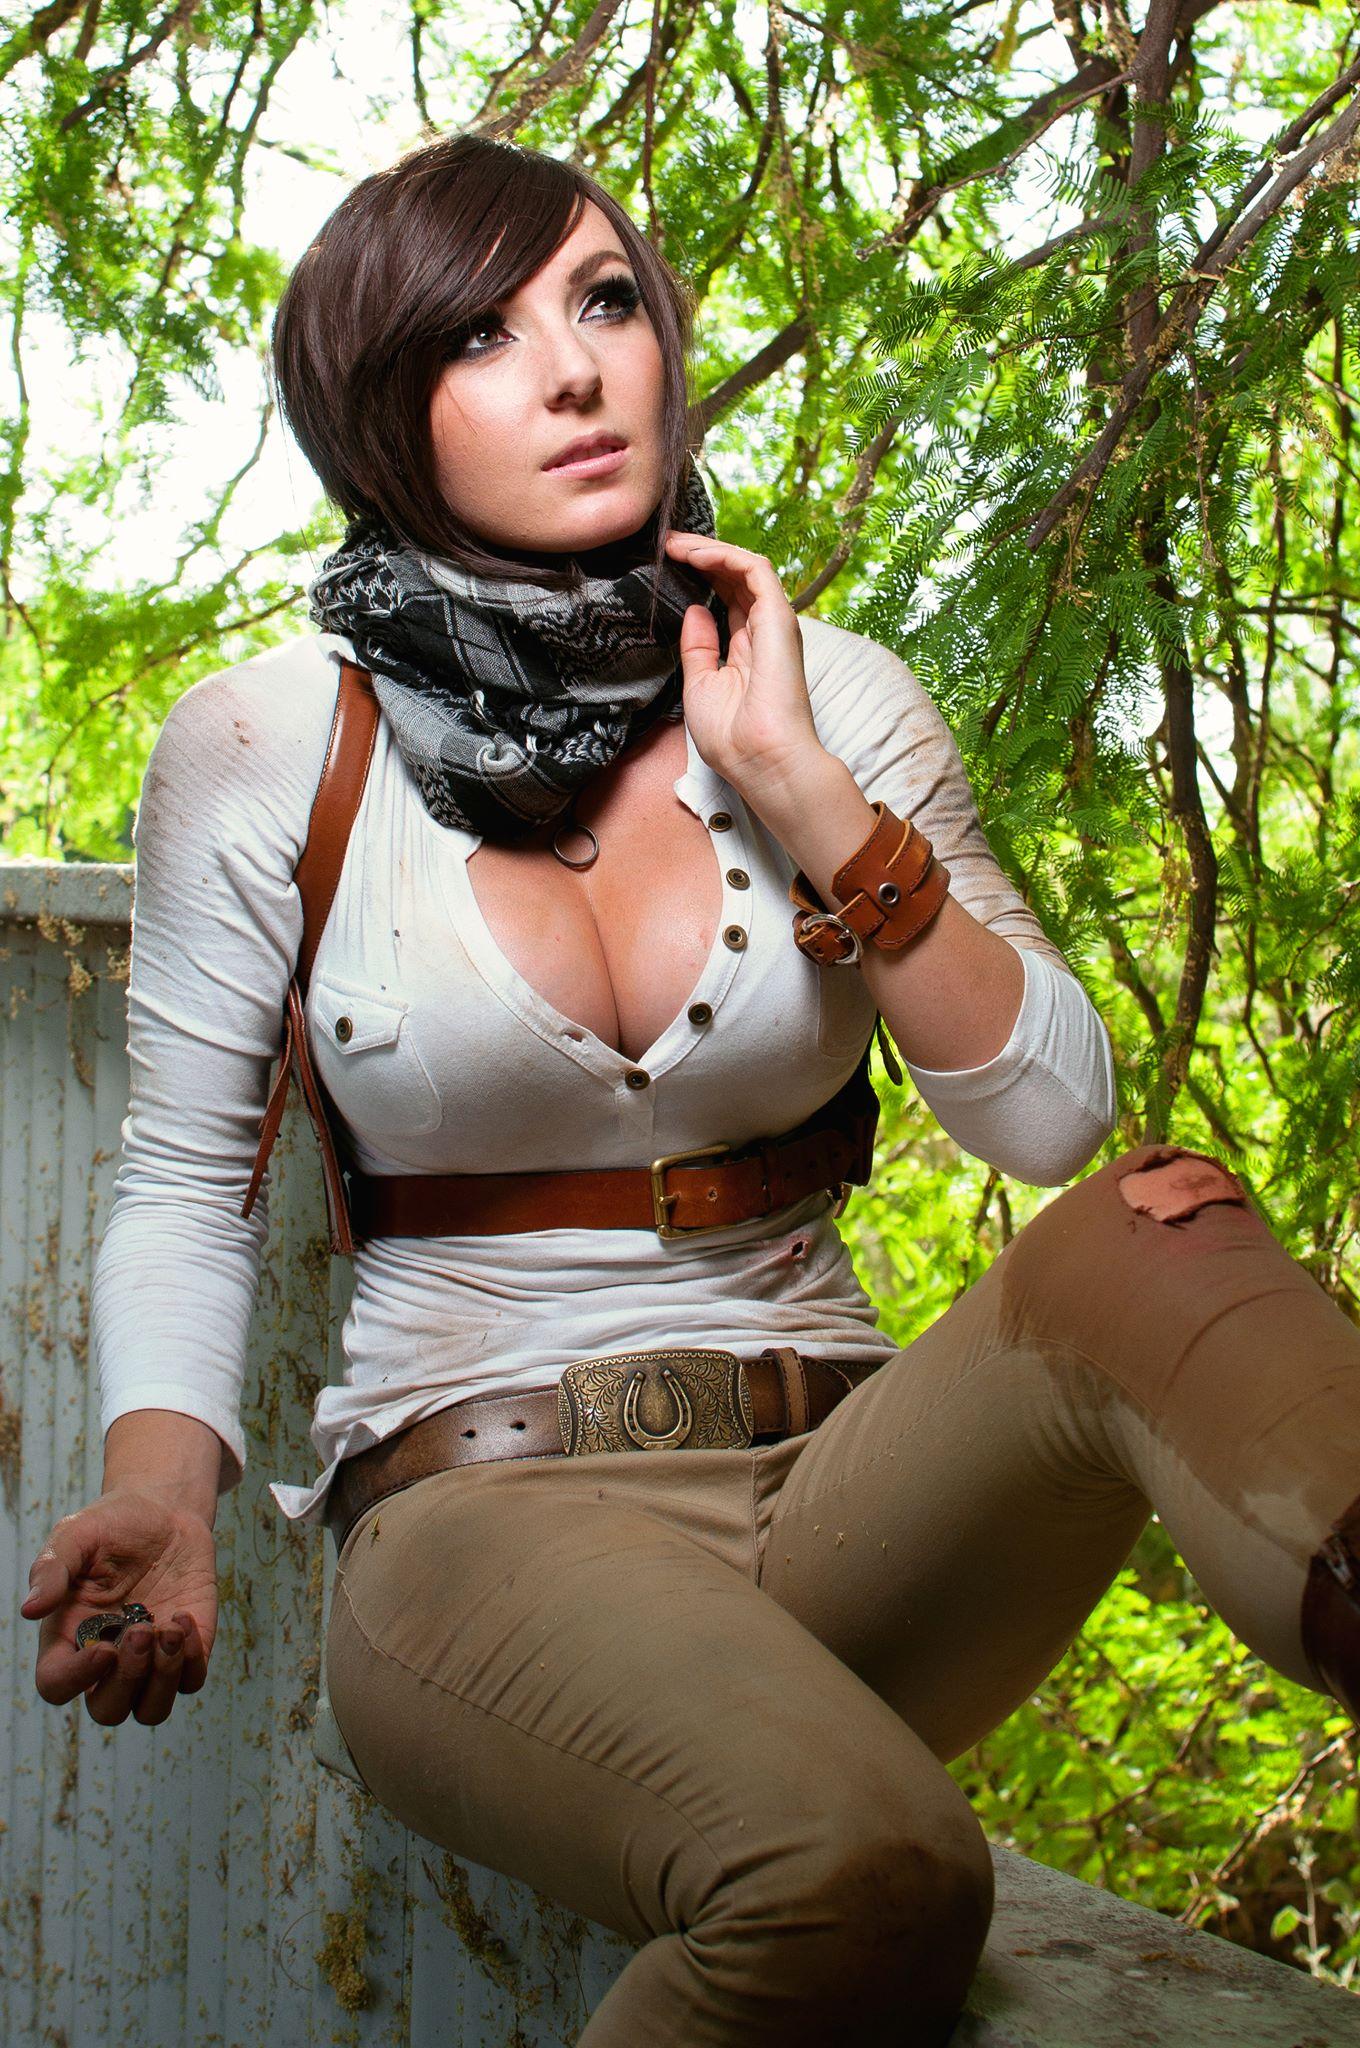 Uncharted 4 Cosplay Photo 15